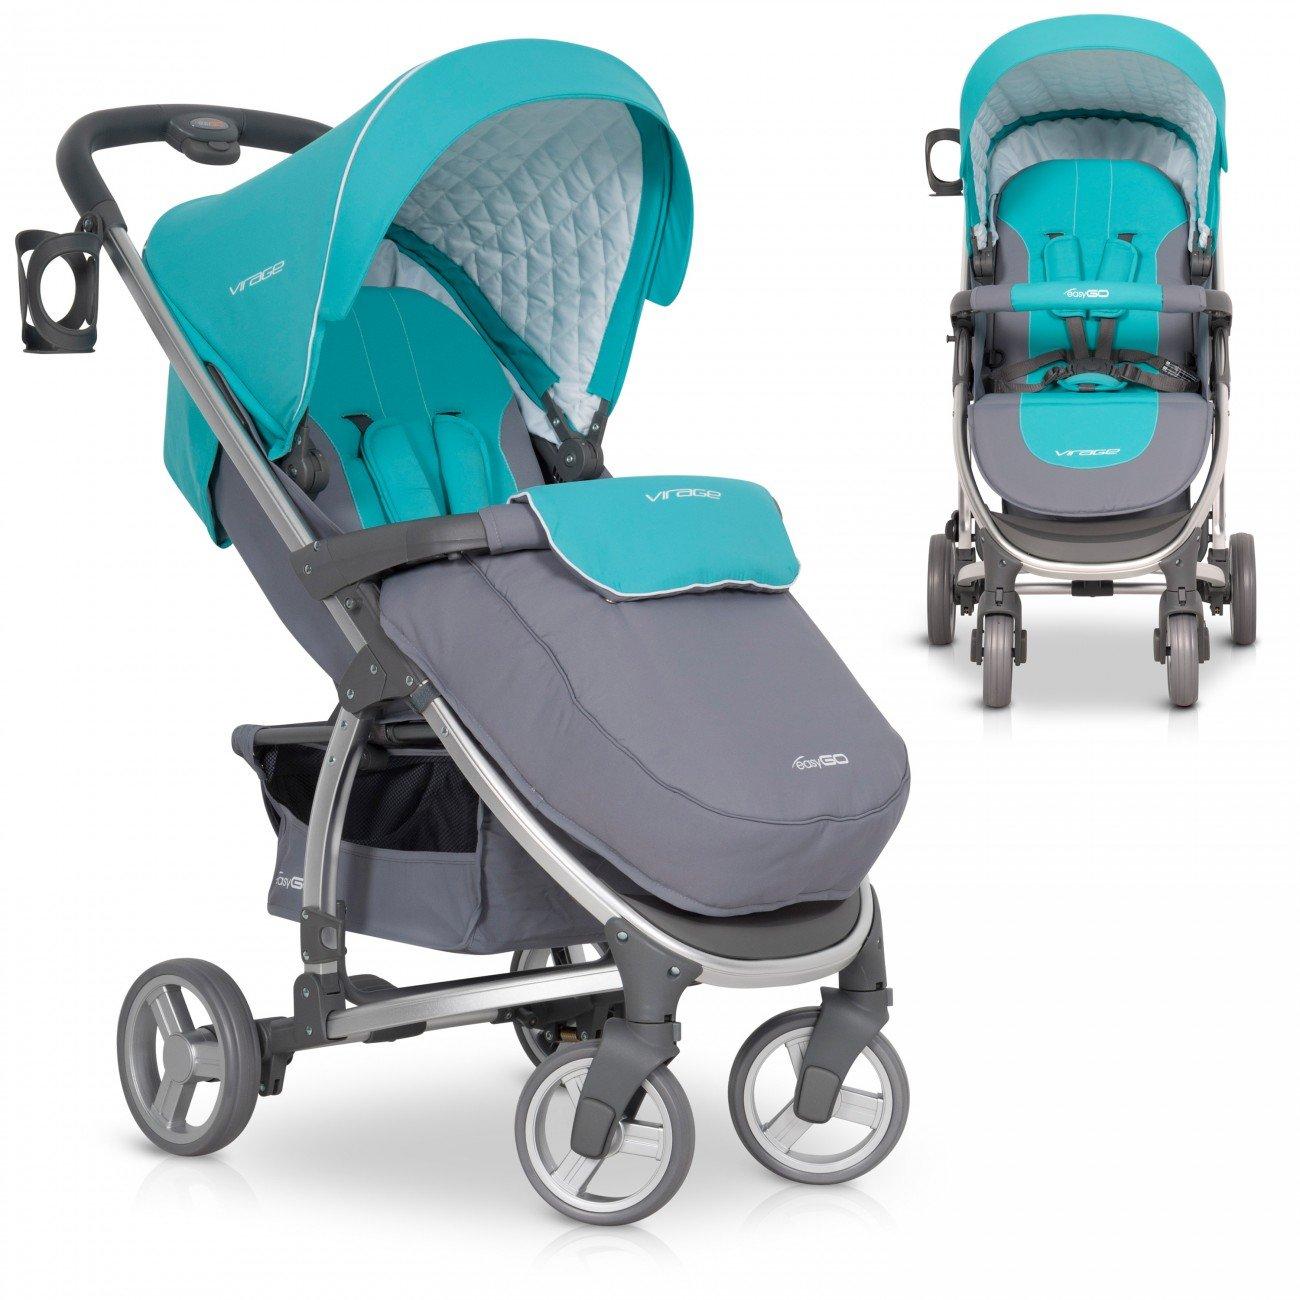 Silla de paseo VIRAGE Carrito con Capazo de alta calidad, color Malachite product image